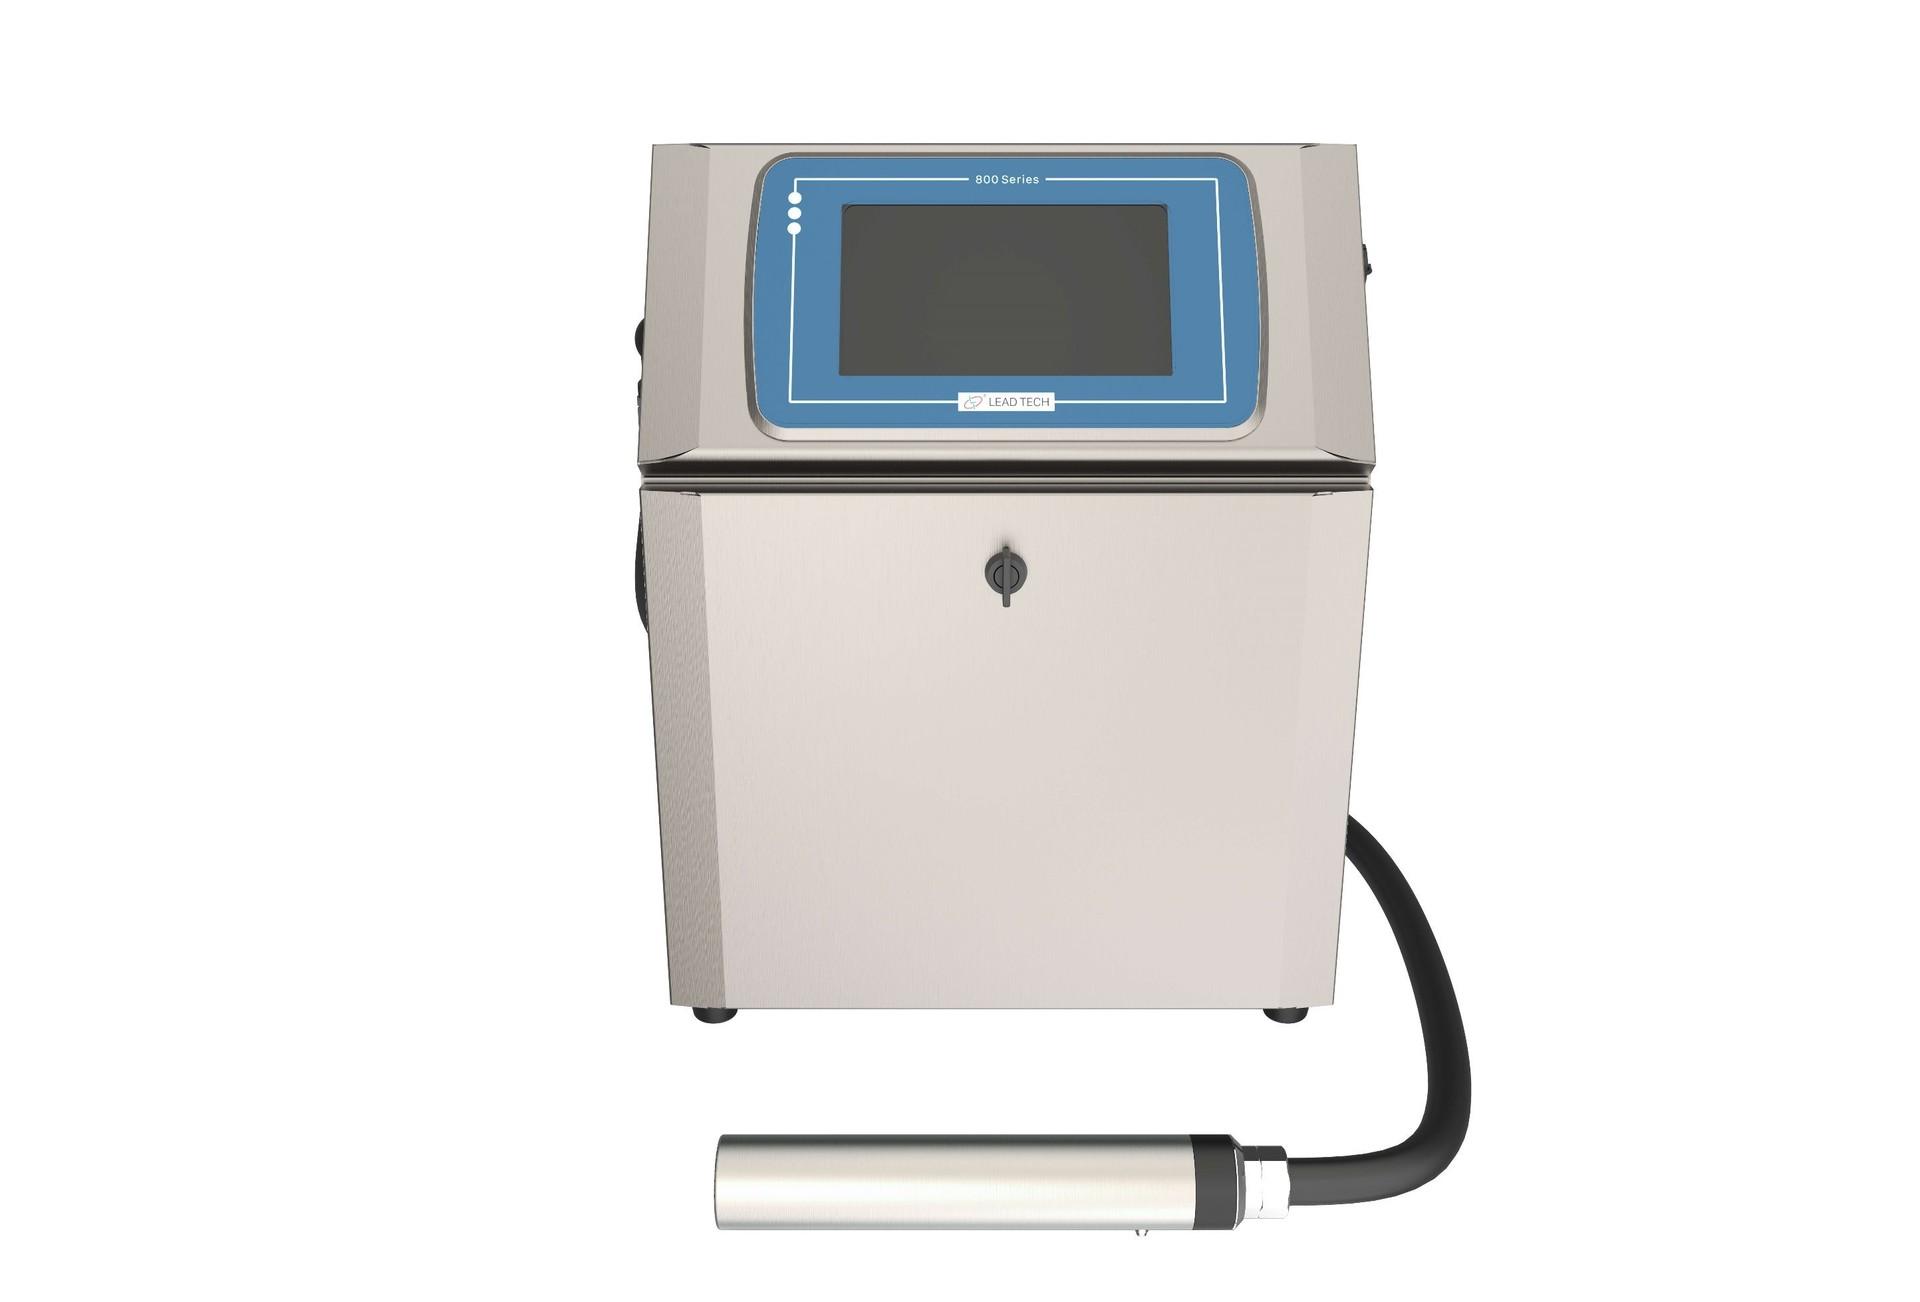 Lead Tech Inkjet Date Marking Machine Cij Inkjet Printer Lt800